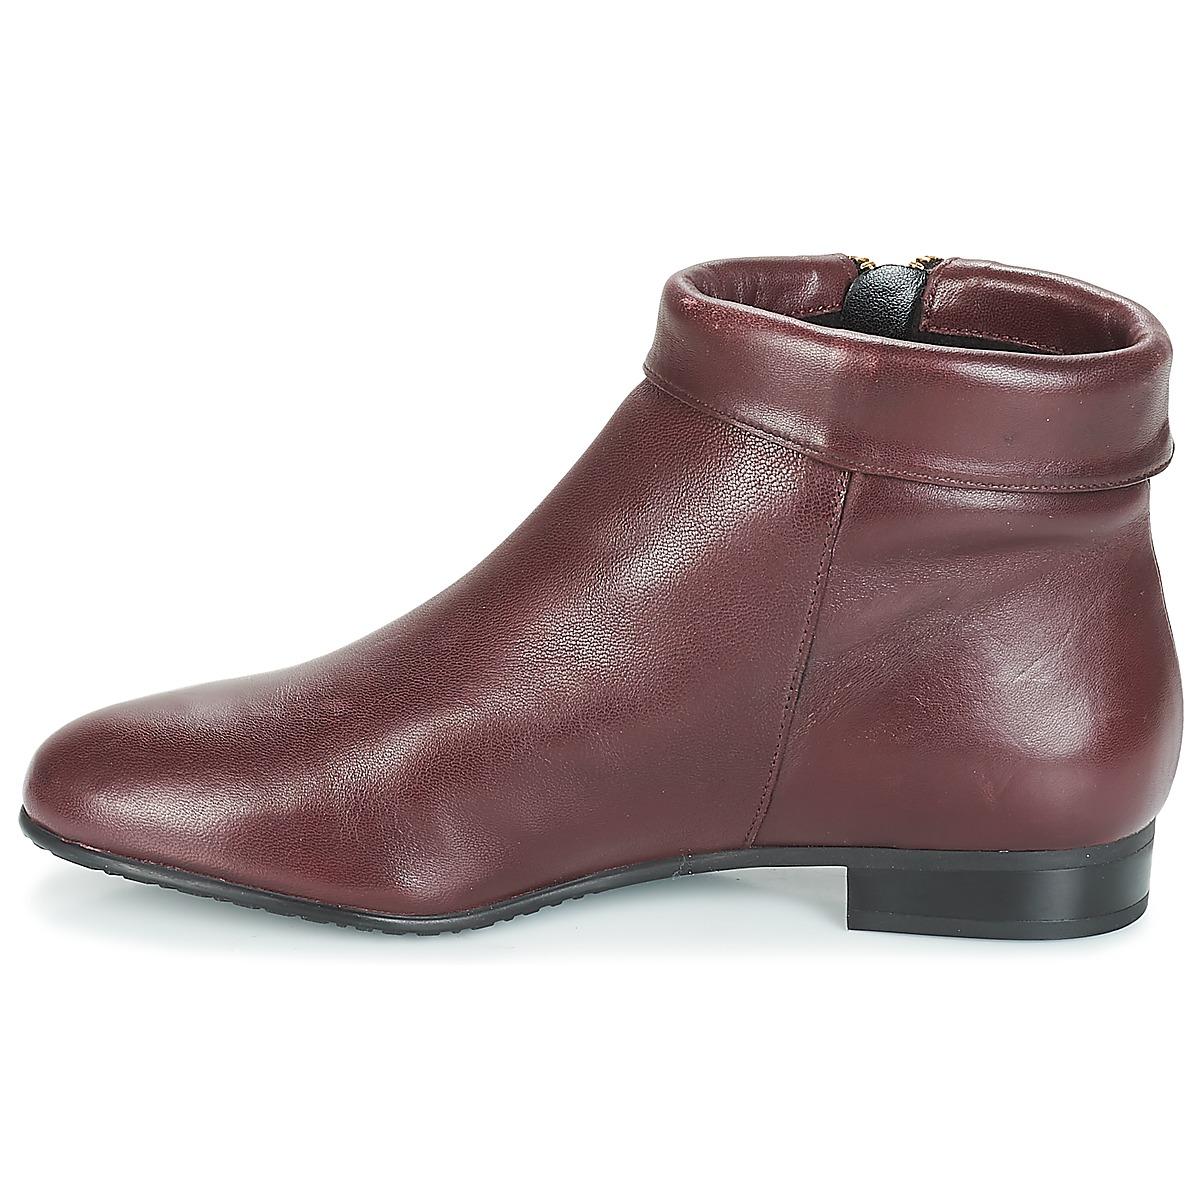 André Pimento Bordeaux - Livraison Gratuite Chaussures Boot Femme 95,20 €